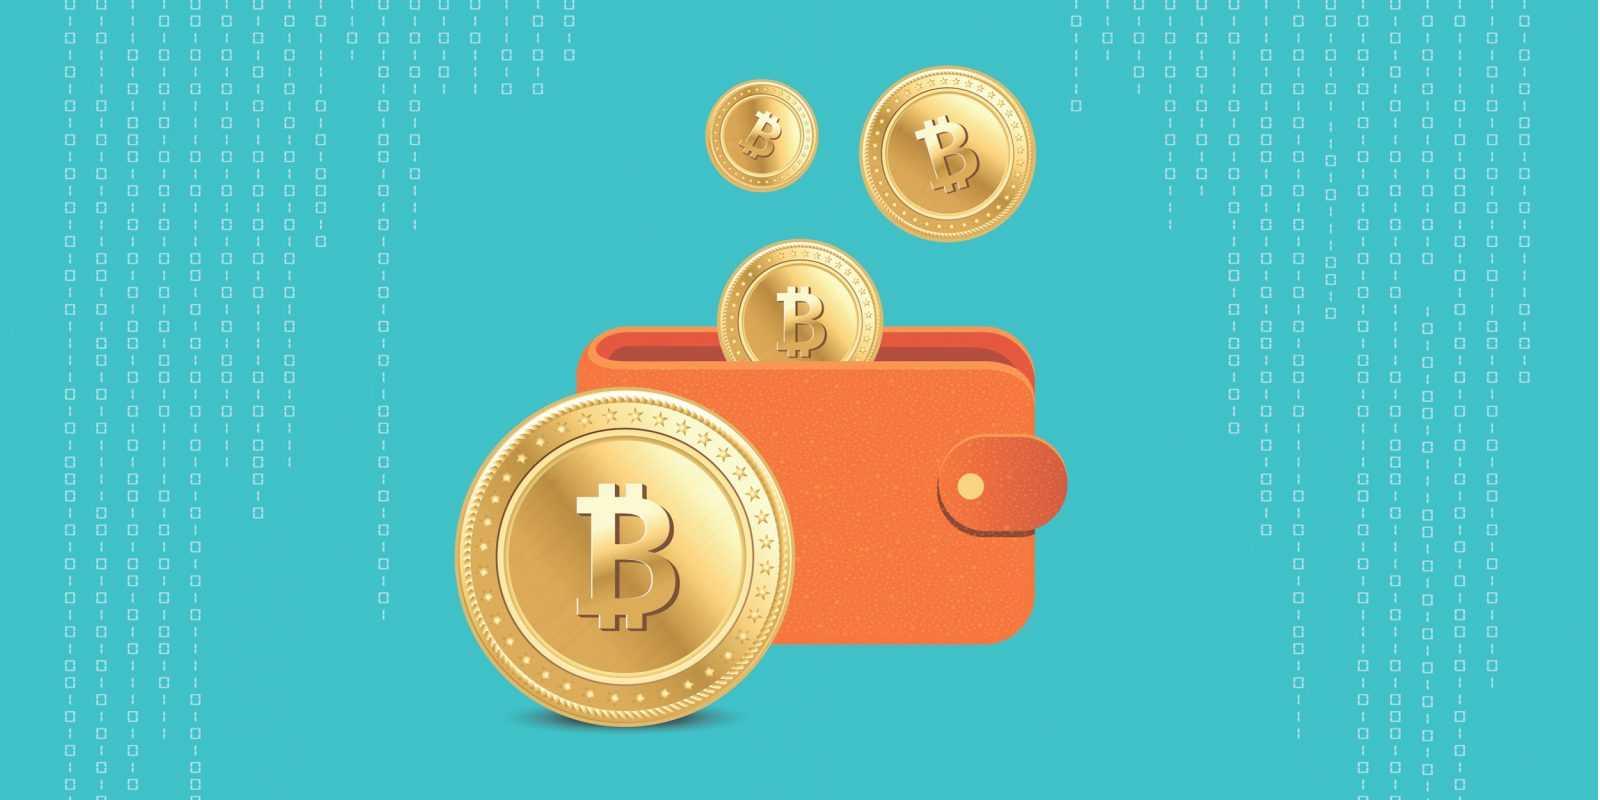 Как работают криптовалюты: биткоин, эфириум и прочие